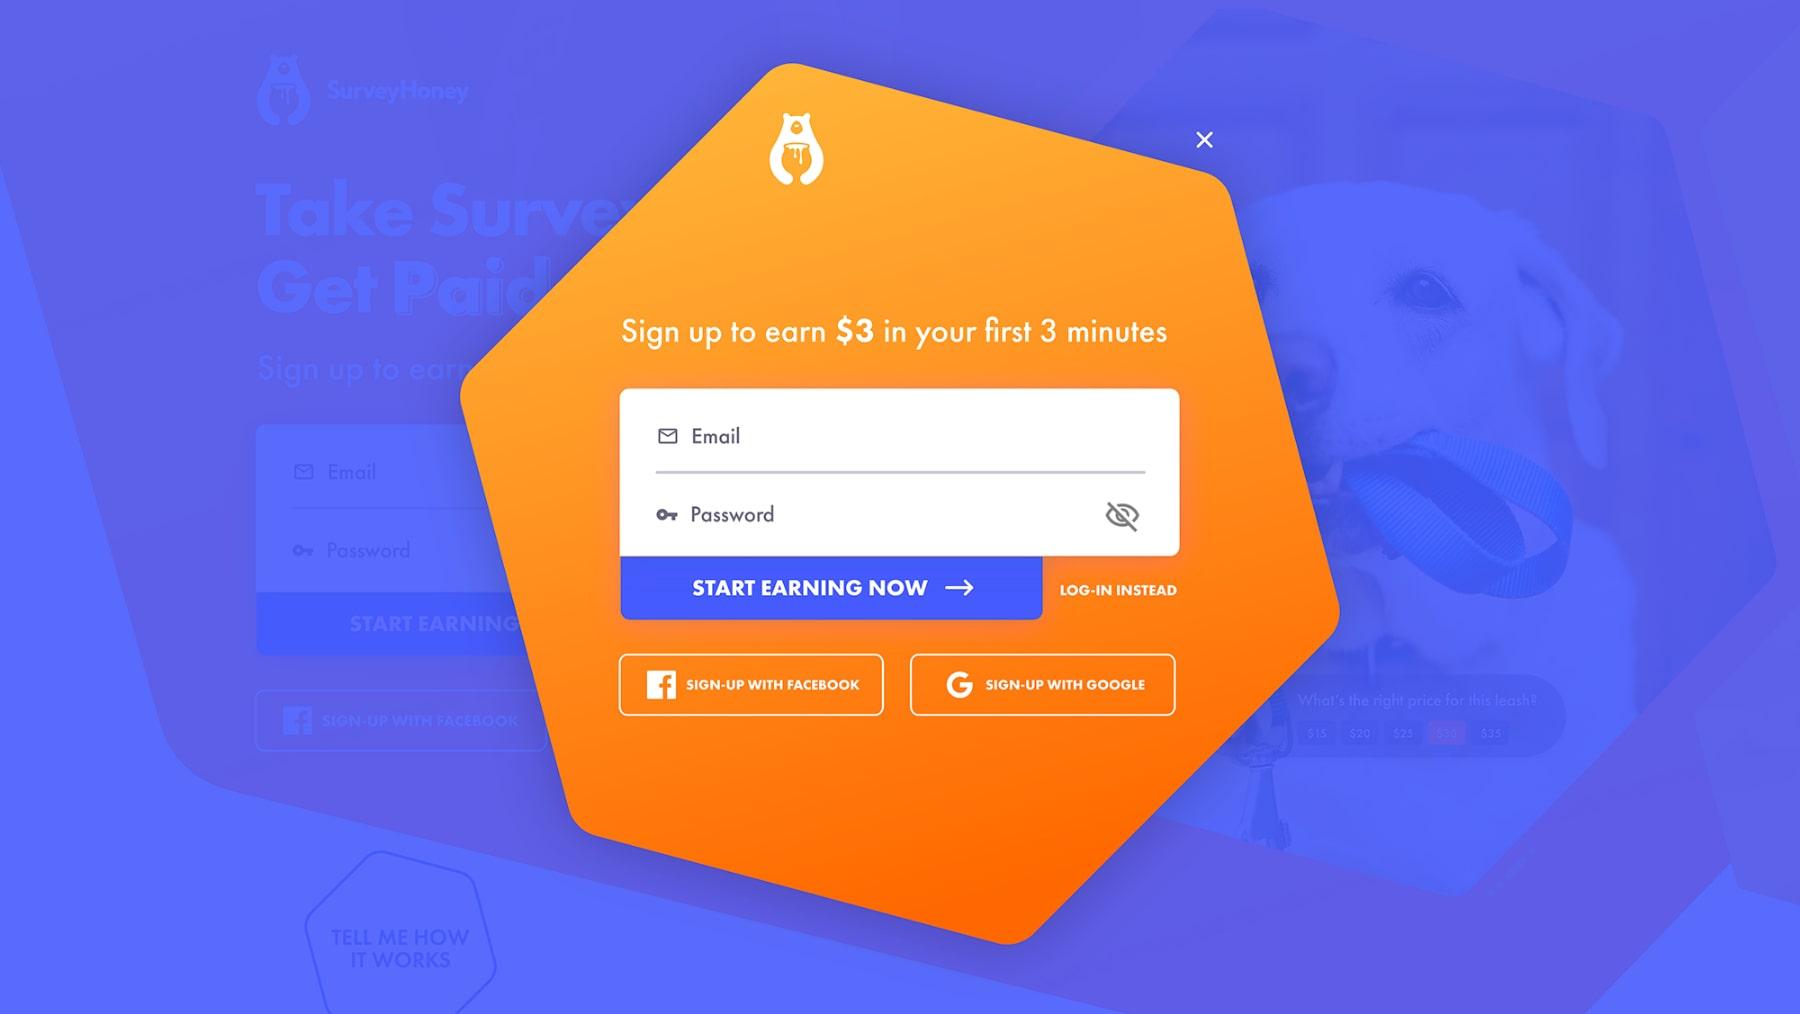 Diseño web del modal del formulario de registro de SurveyHoney por El Patio Webflow Studio.